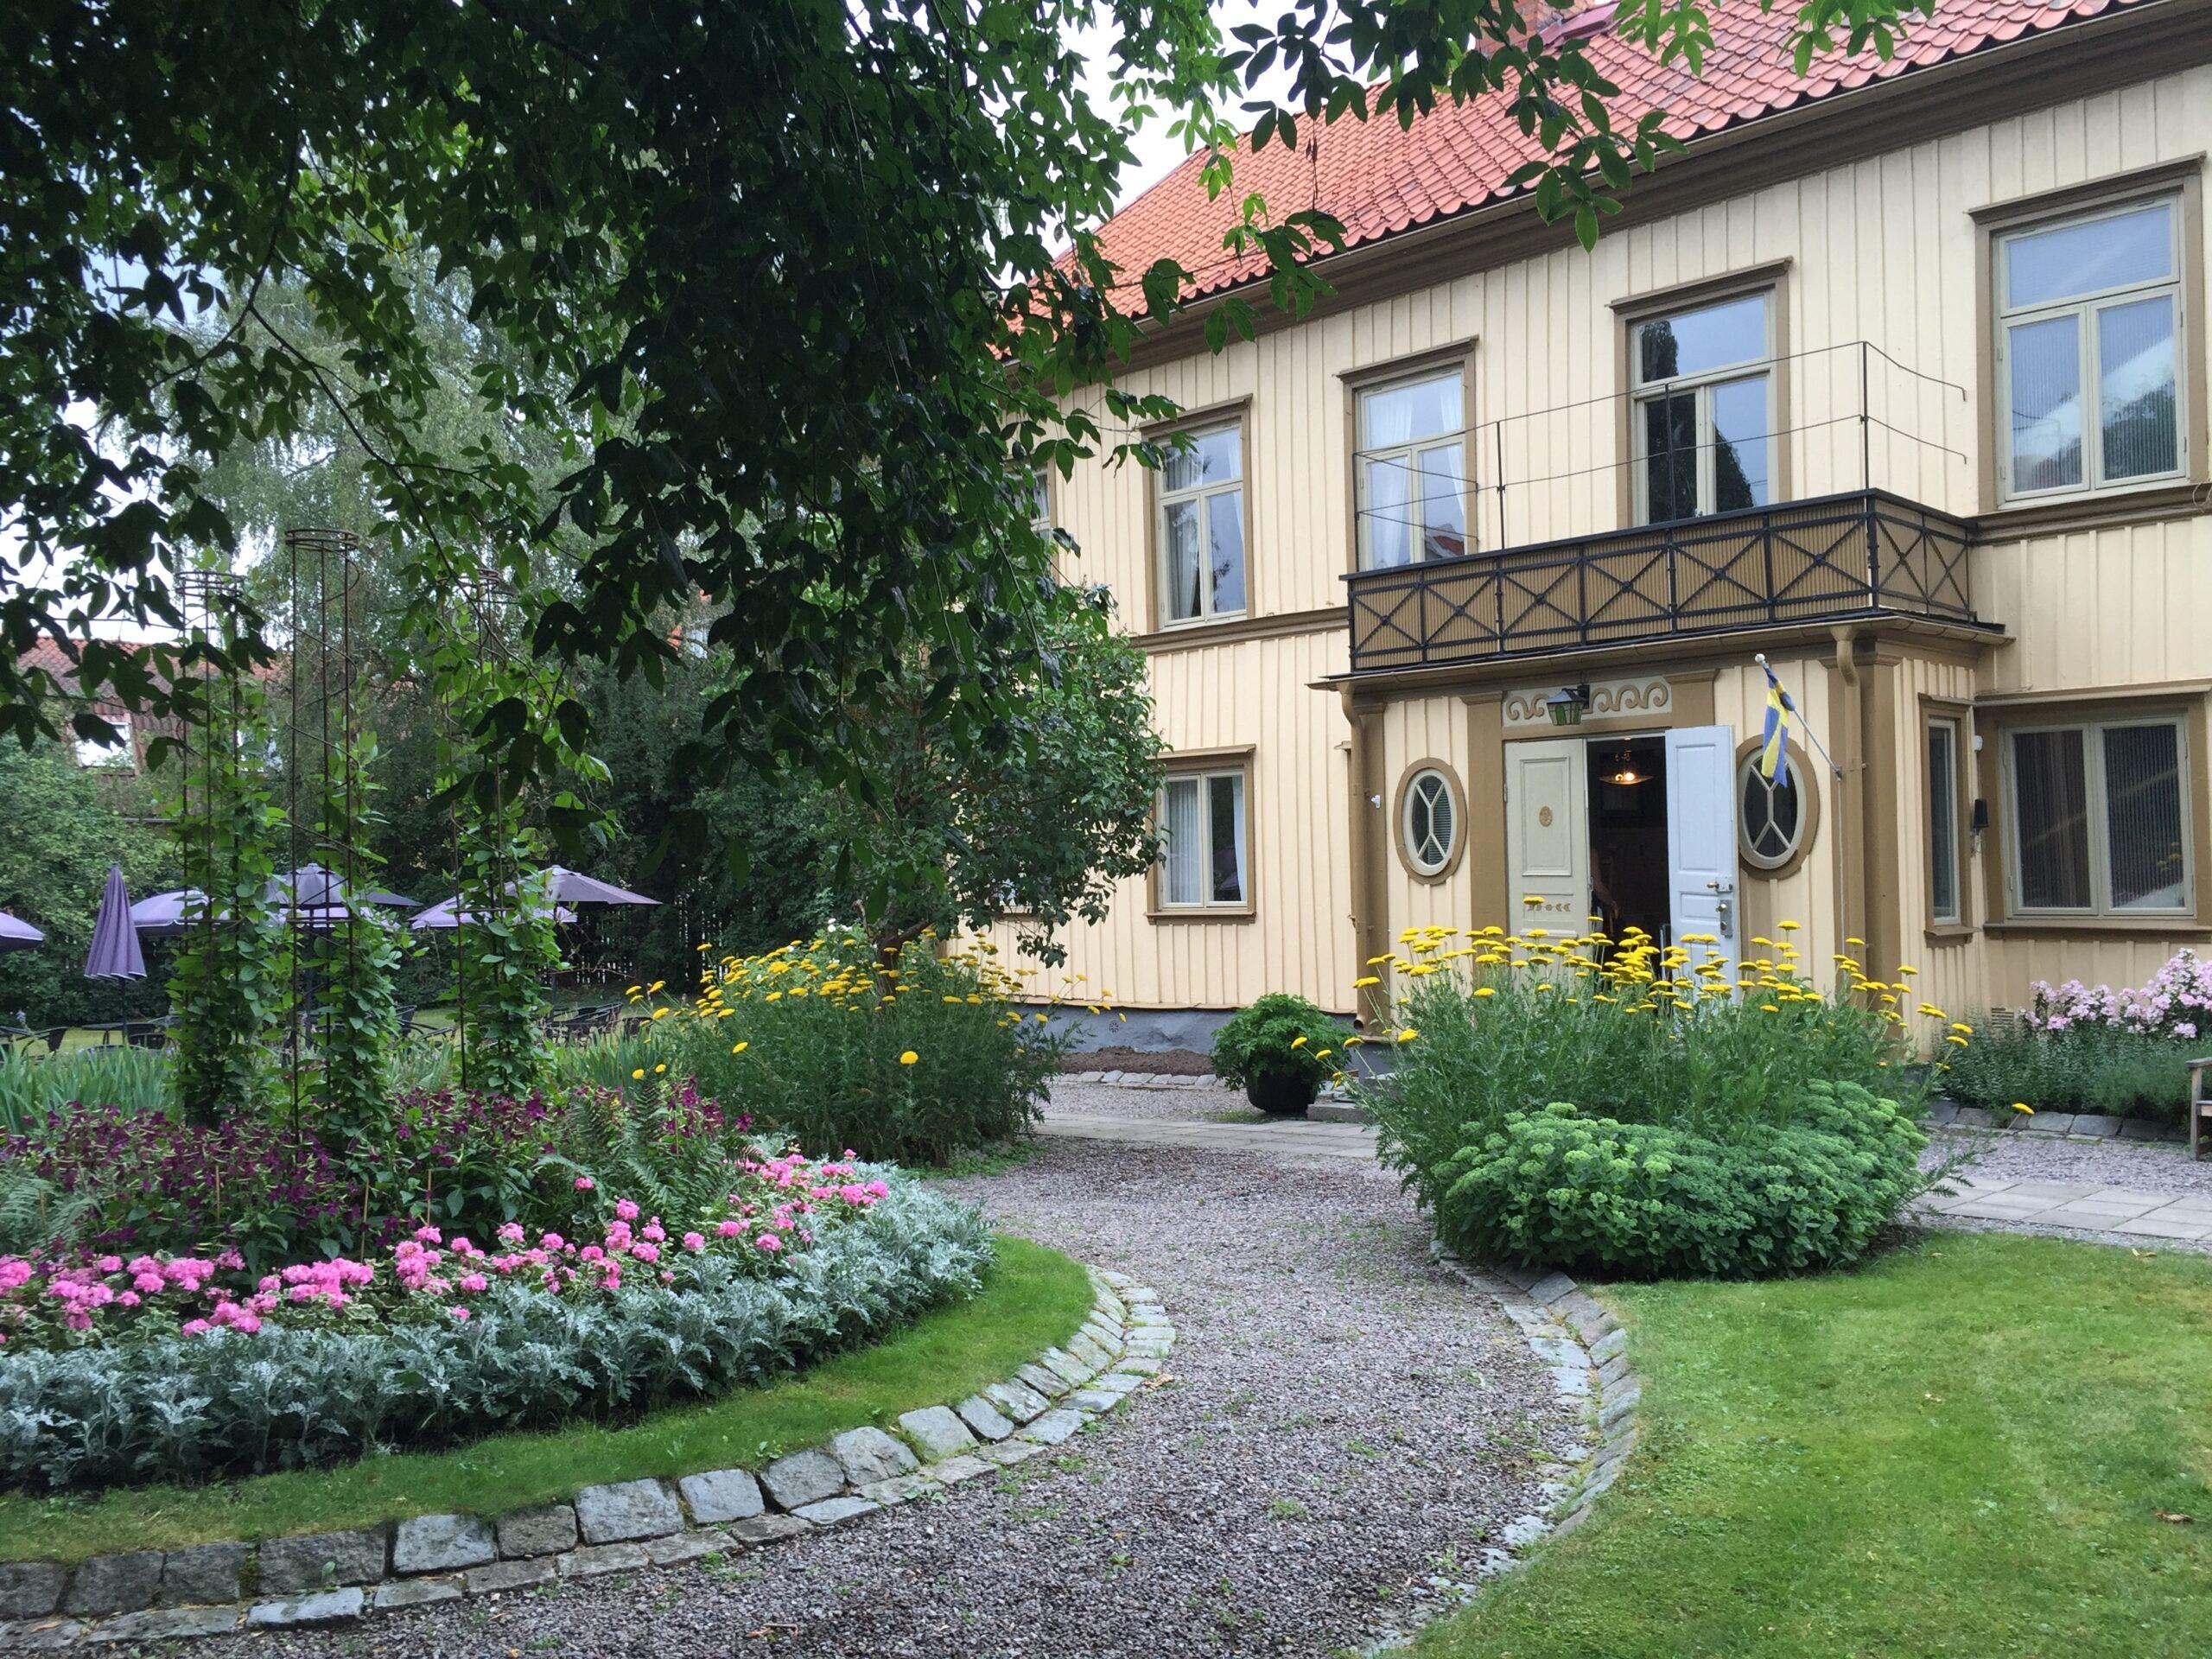 Dagsutflykt – Enköpings stad, parker och Dr Westerlund